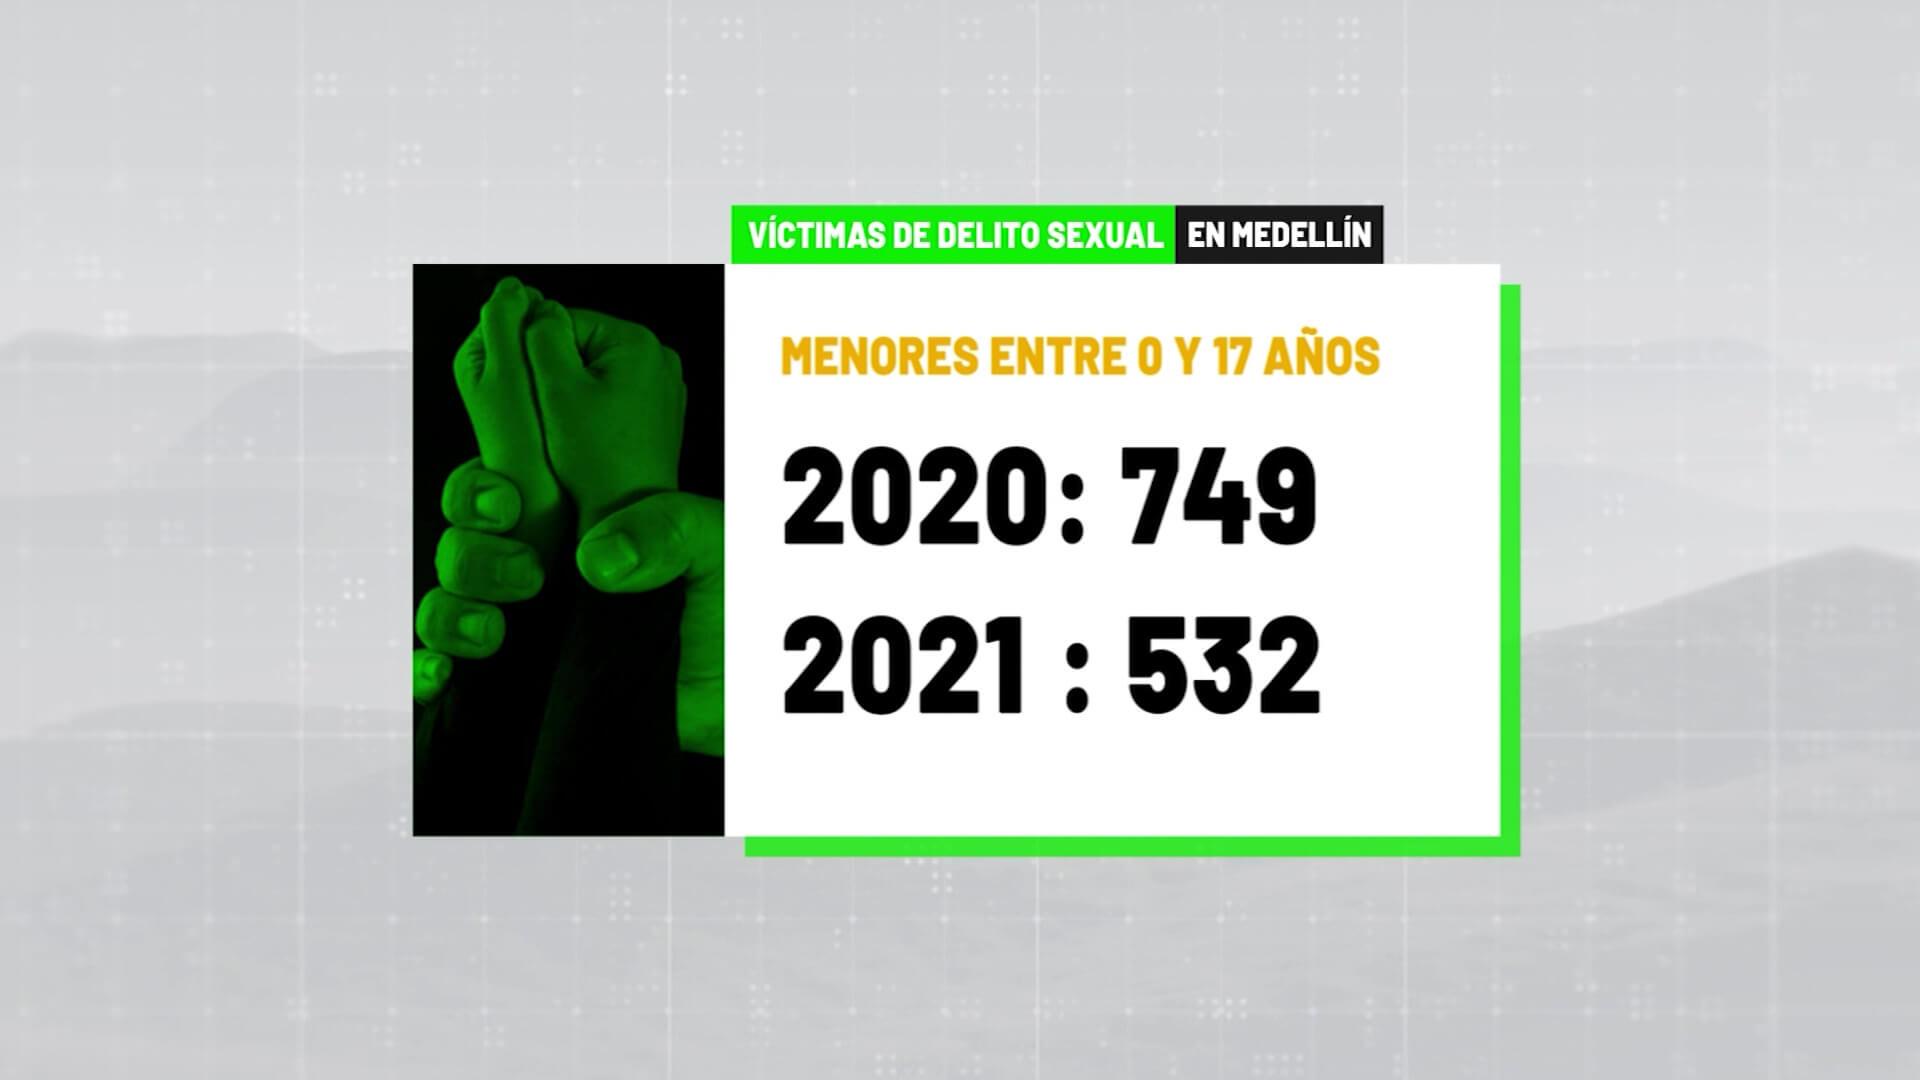 222 casos de delitos sexuales con menores en Medellín